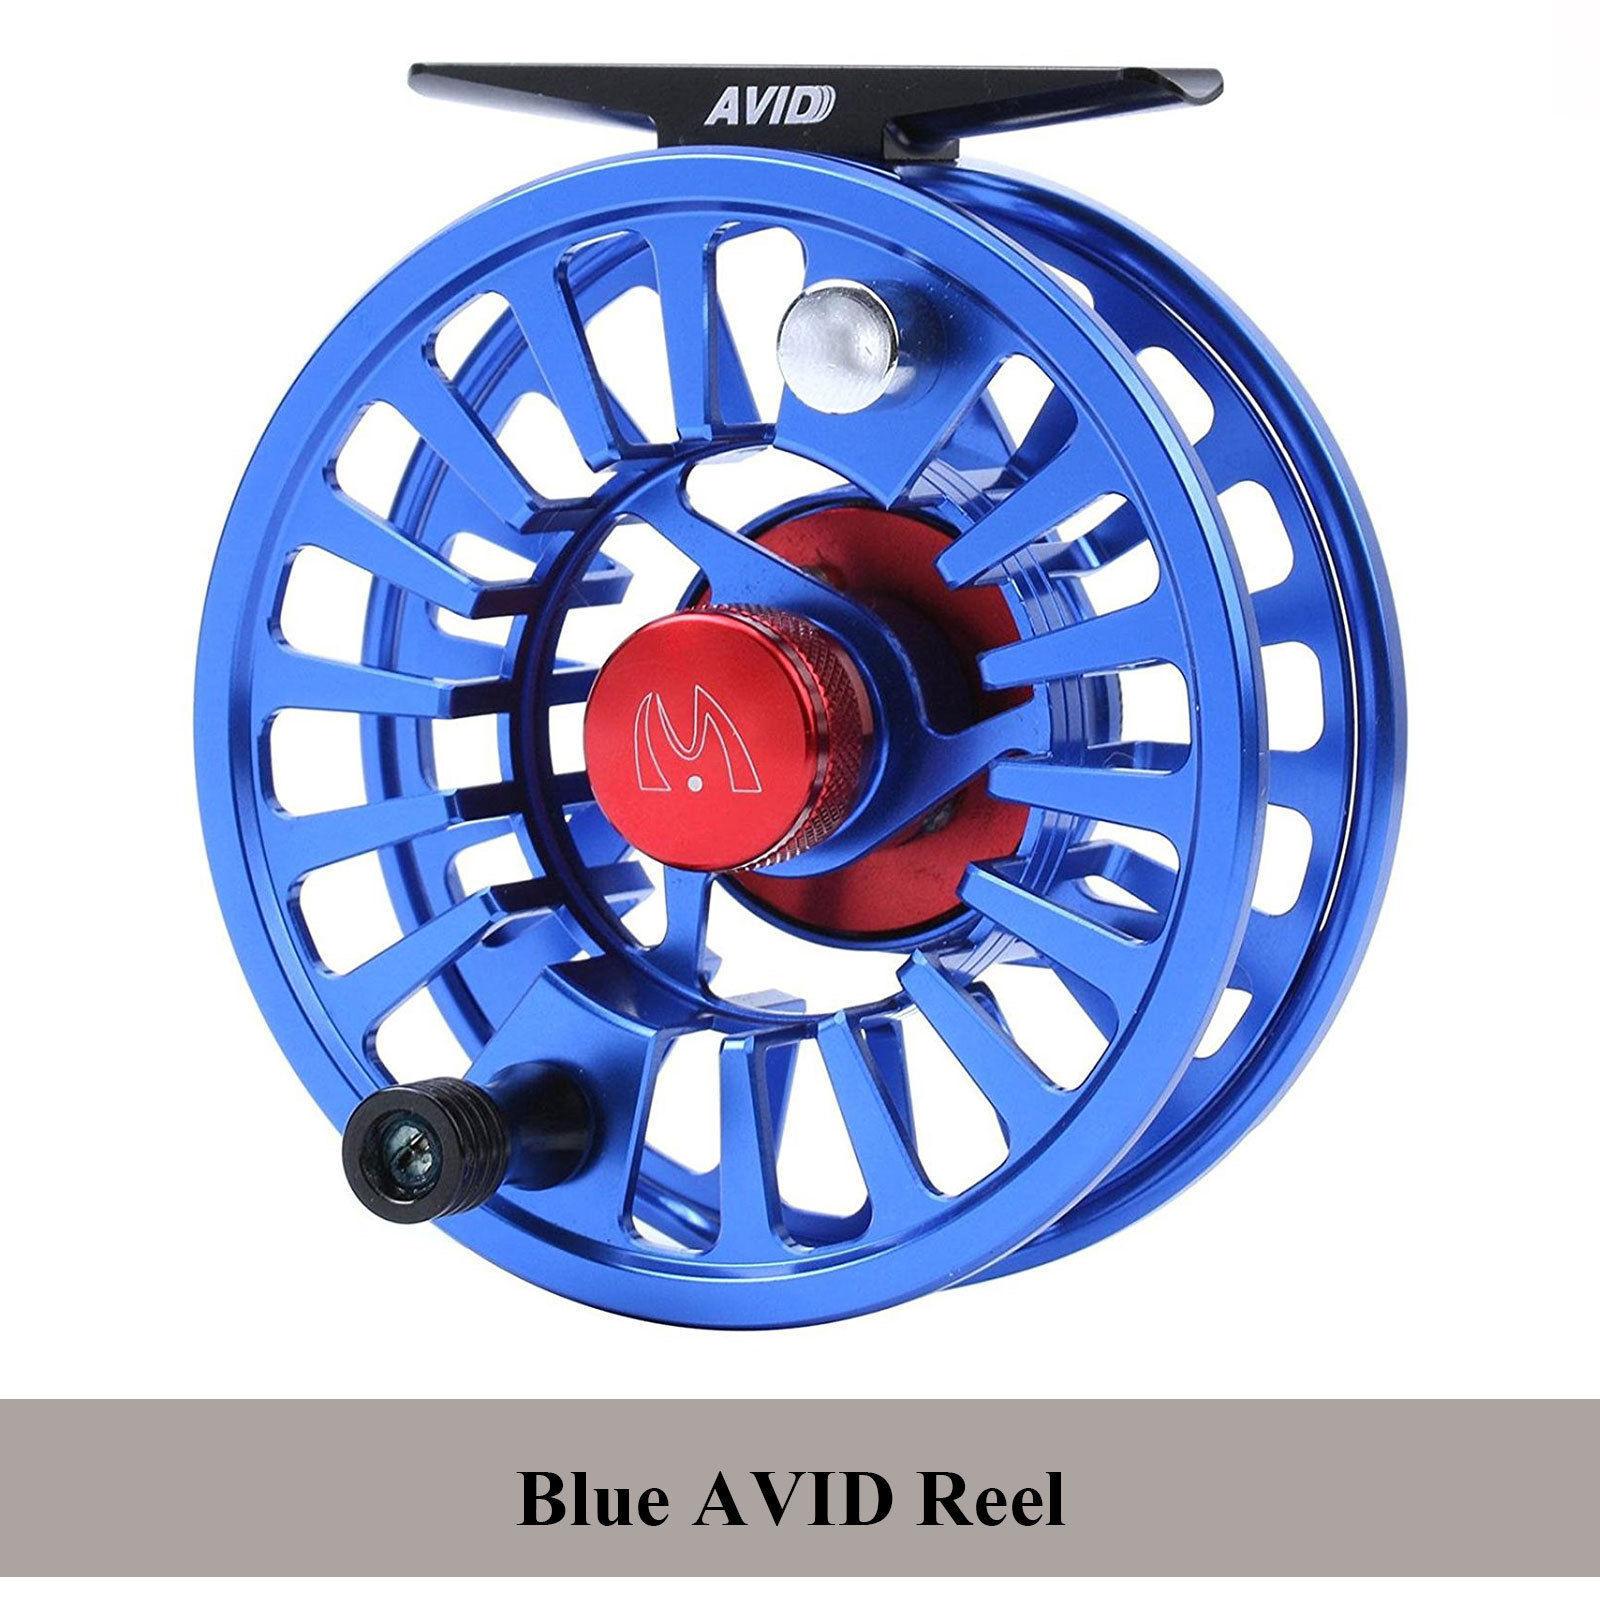 Maxcatch FLY FISHING REEL 1/3 3/4 7/8 5/6 7/8 3/4 9/10WT CNC Alluminio Lavorato Avid e9a2d7